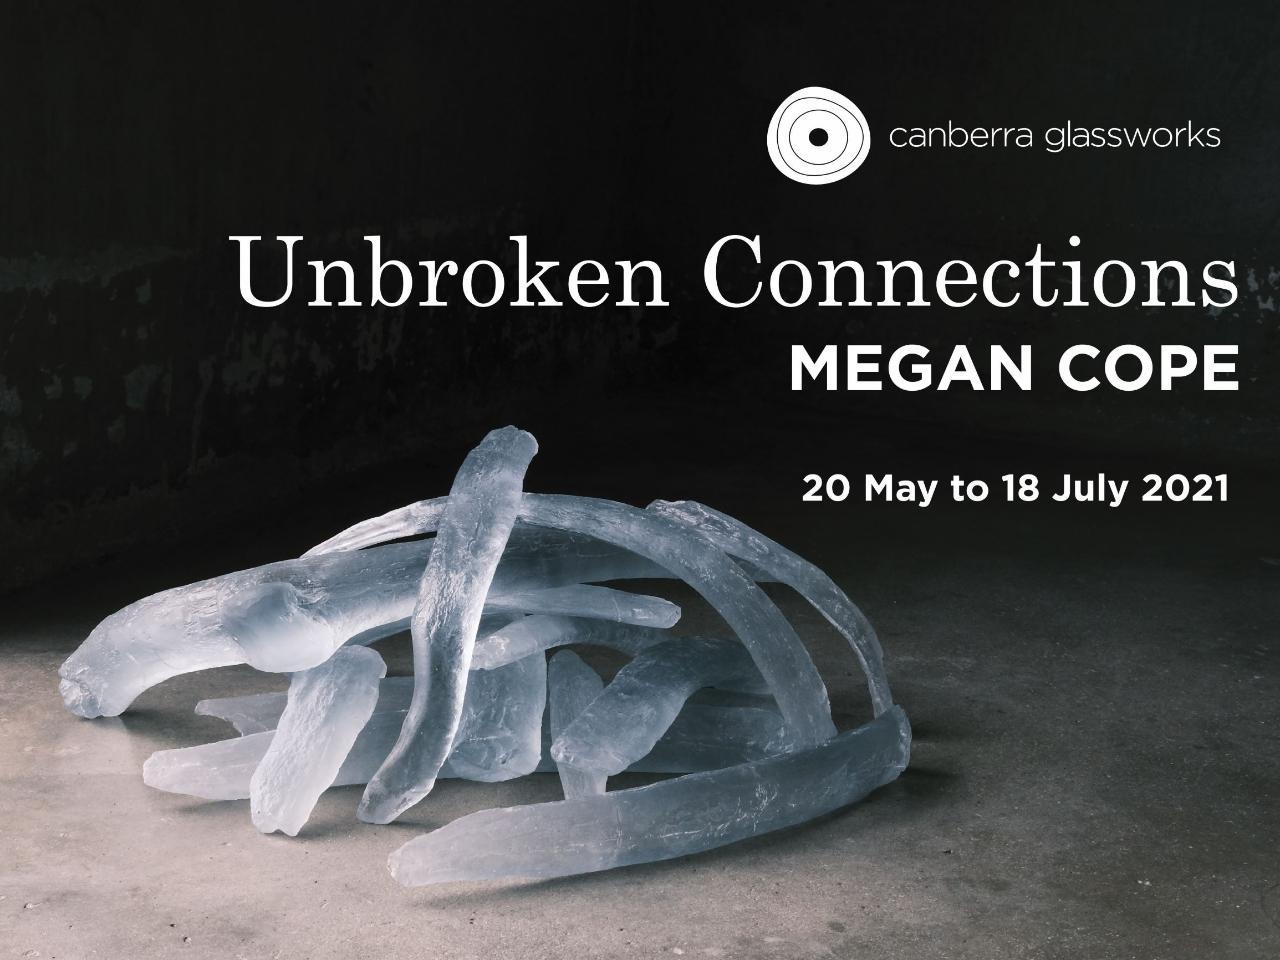 Unbroken Connections: online gallery floor talk